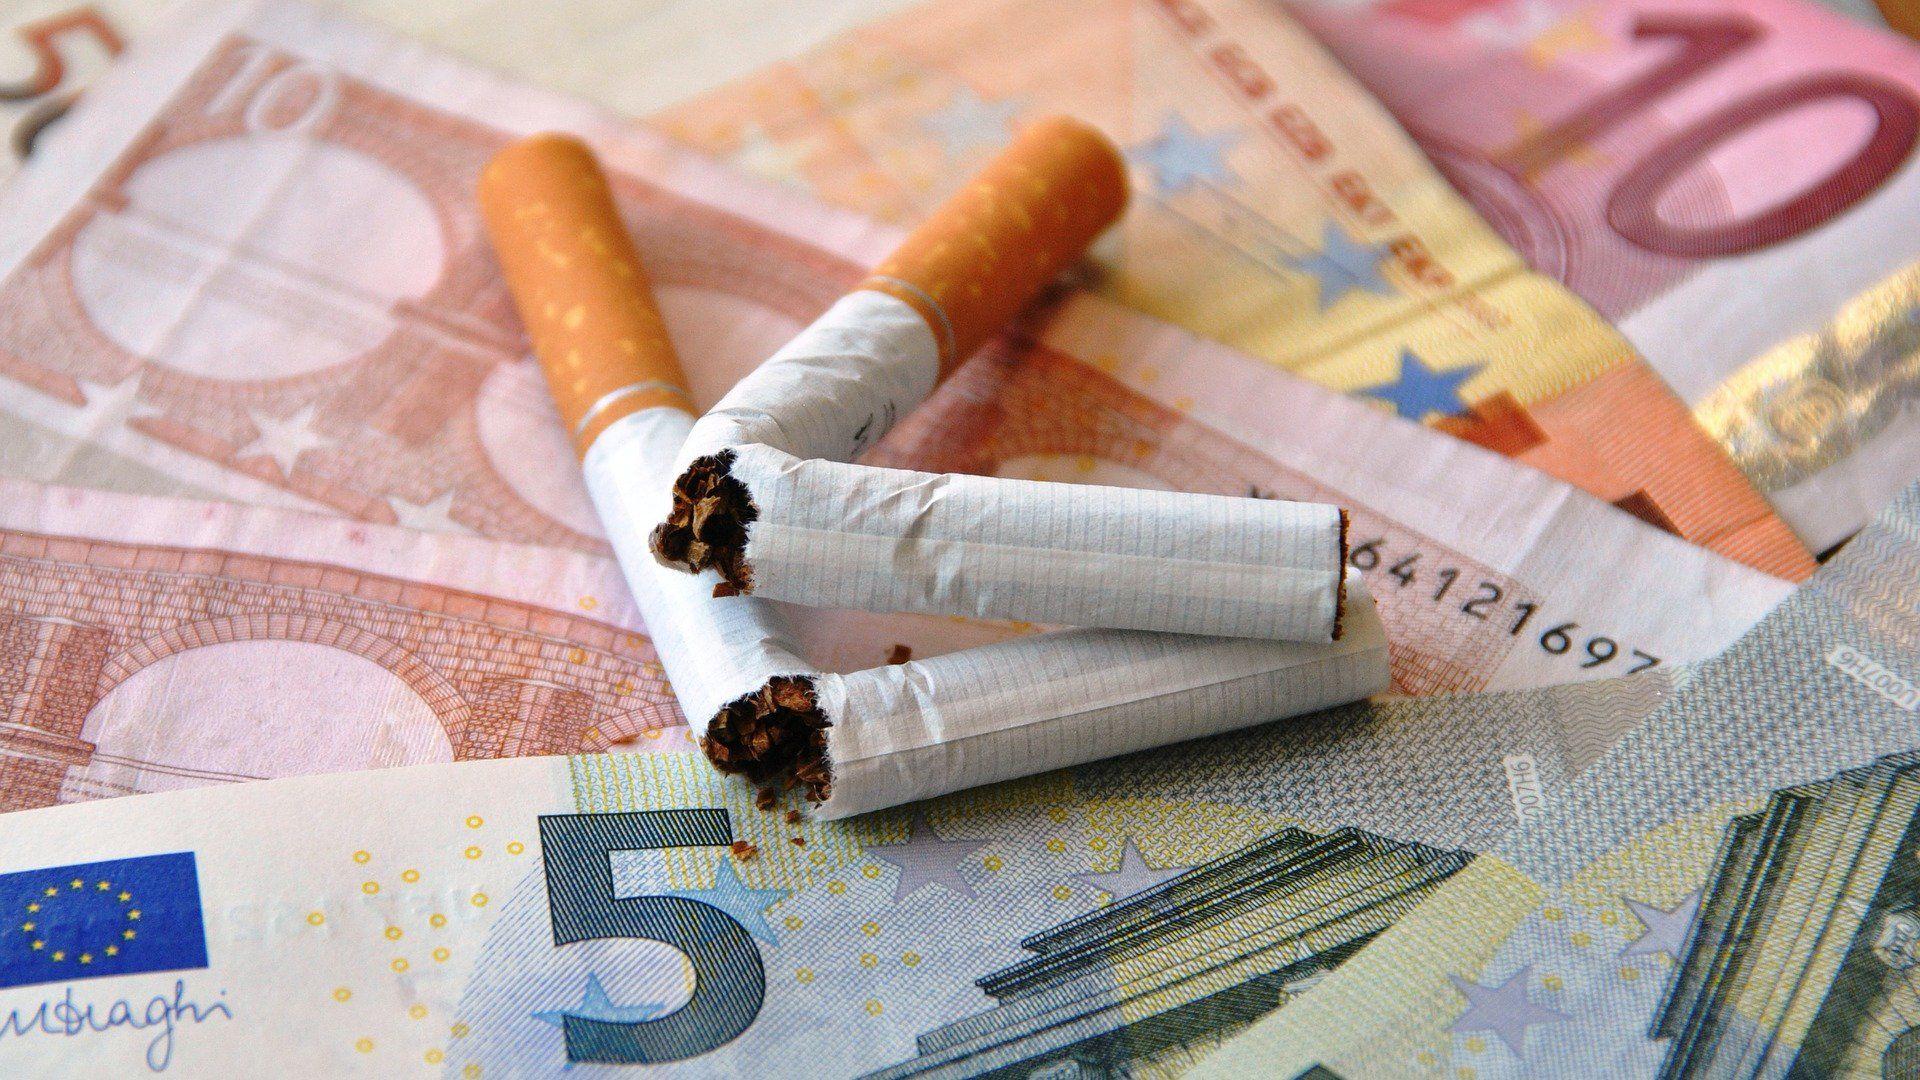 permet a cigaretta árából)